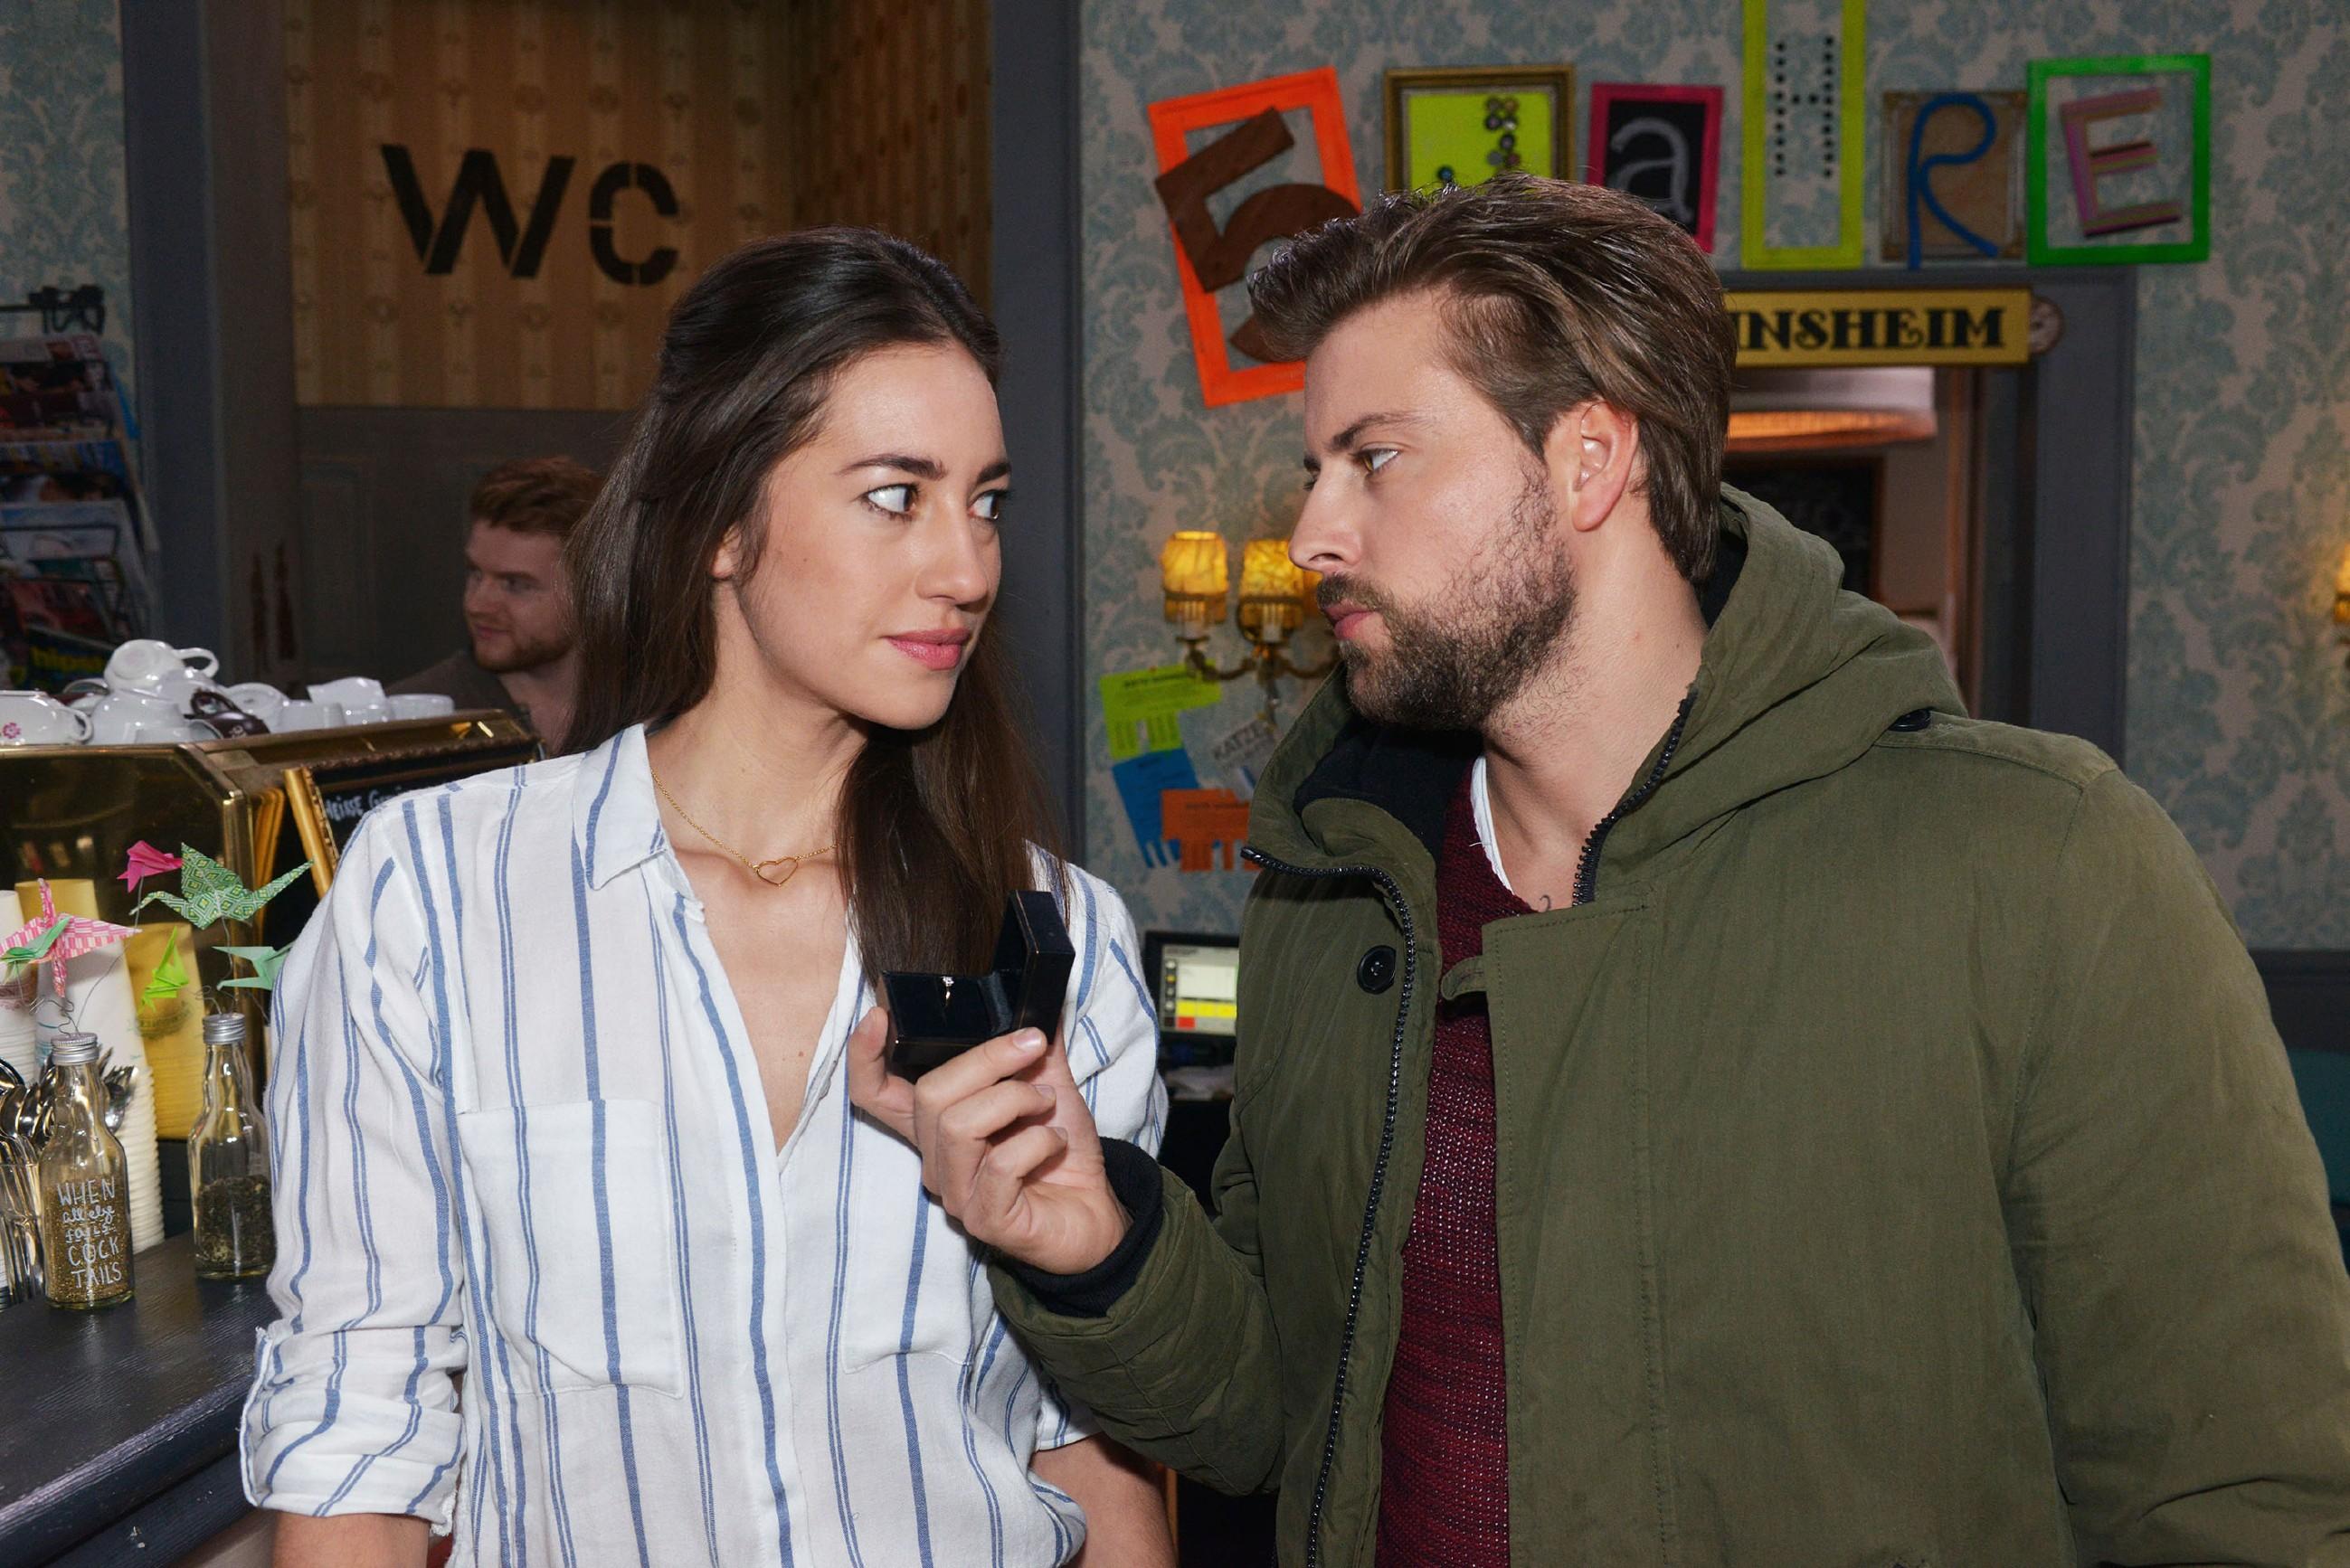 Um Elena (Elena Garcia Gerlach) zu zeigen, wie viel sie ihm bedeutet, macht John (Felix von Jascheroff) ihr kopflos einen Heiratsantrag. Wie wird Elena darauf reagieren? (Quelle: RTL / Rolf Baumgartner)